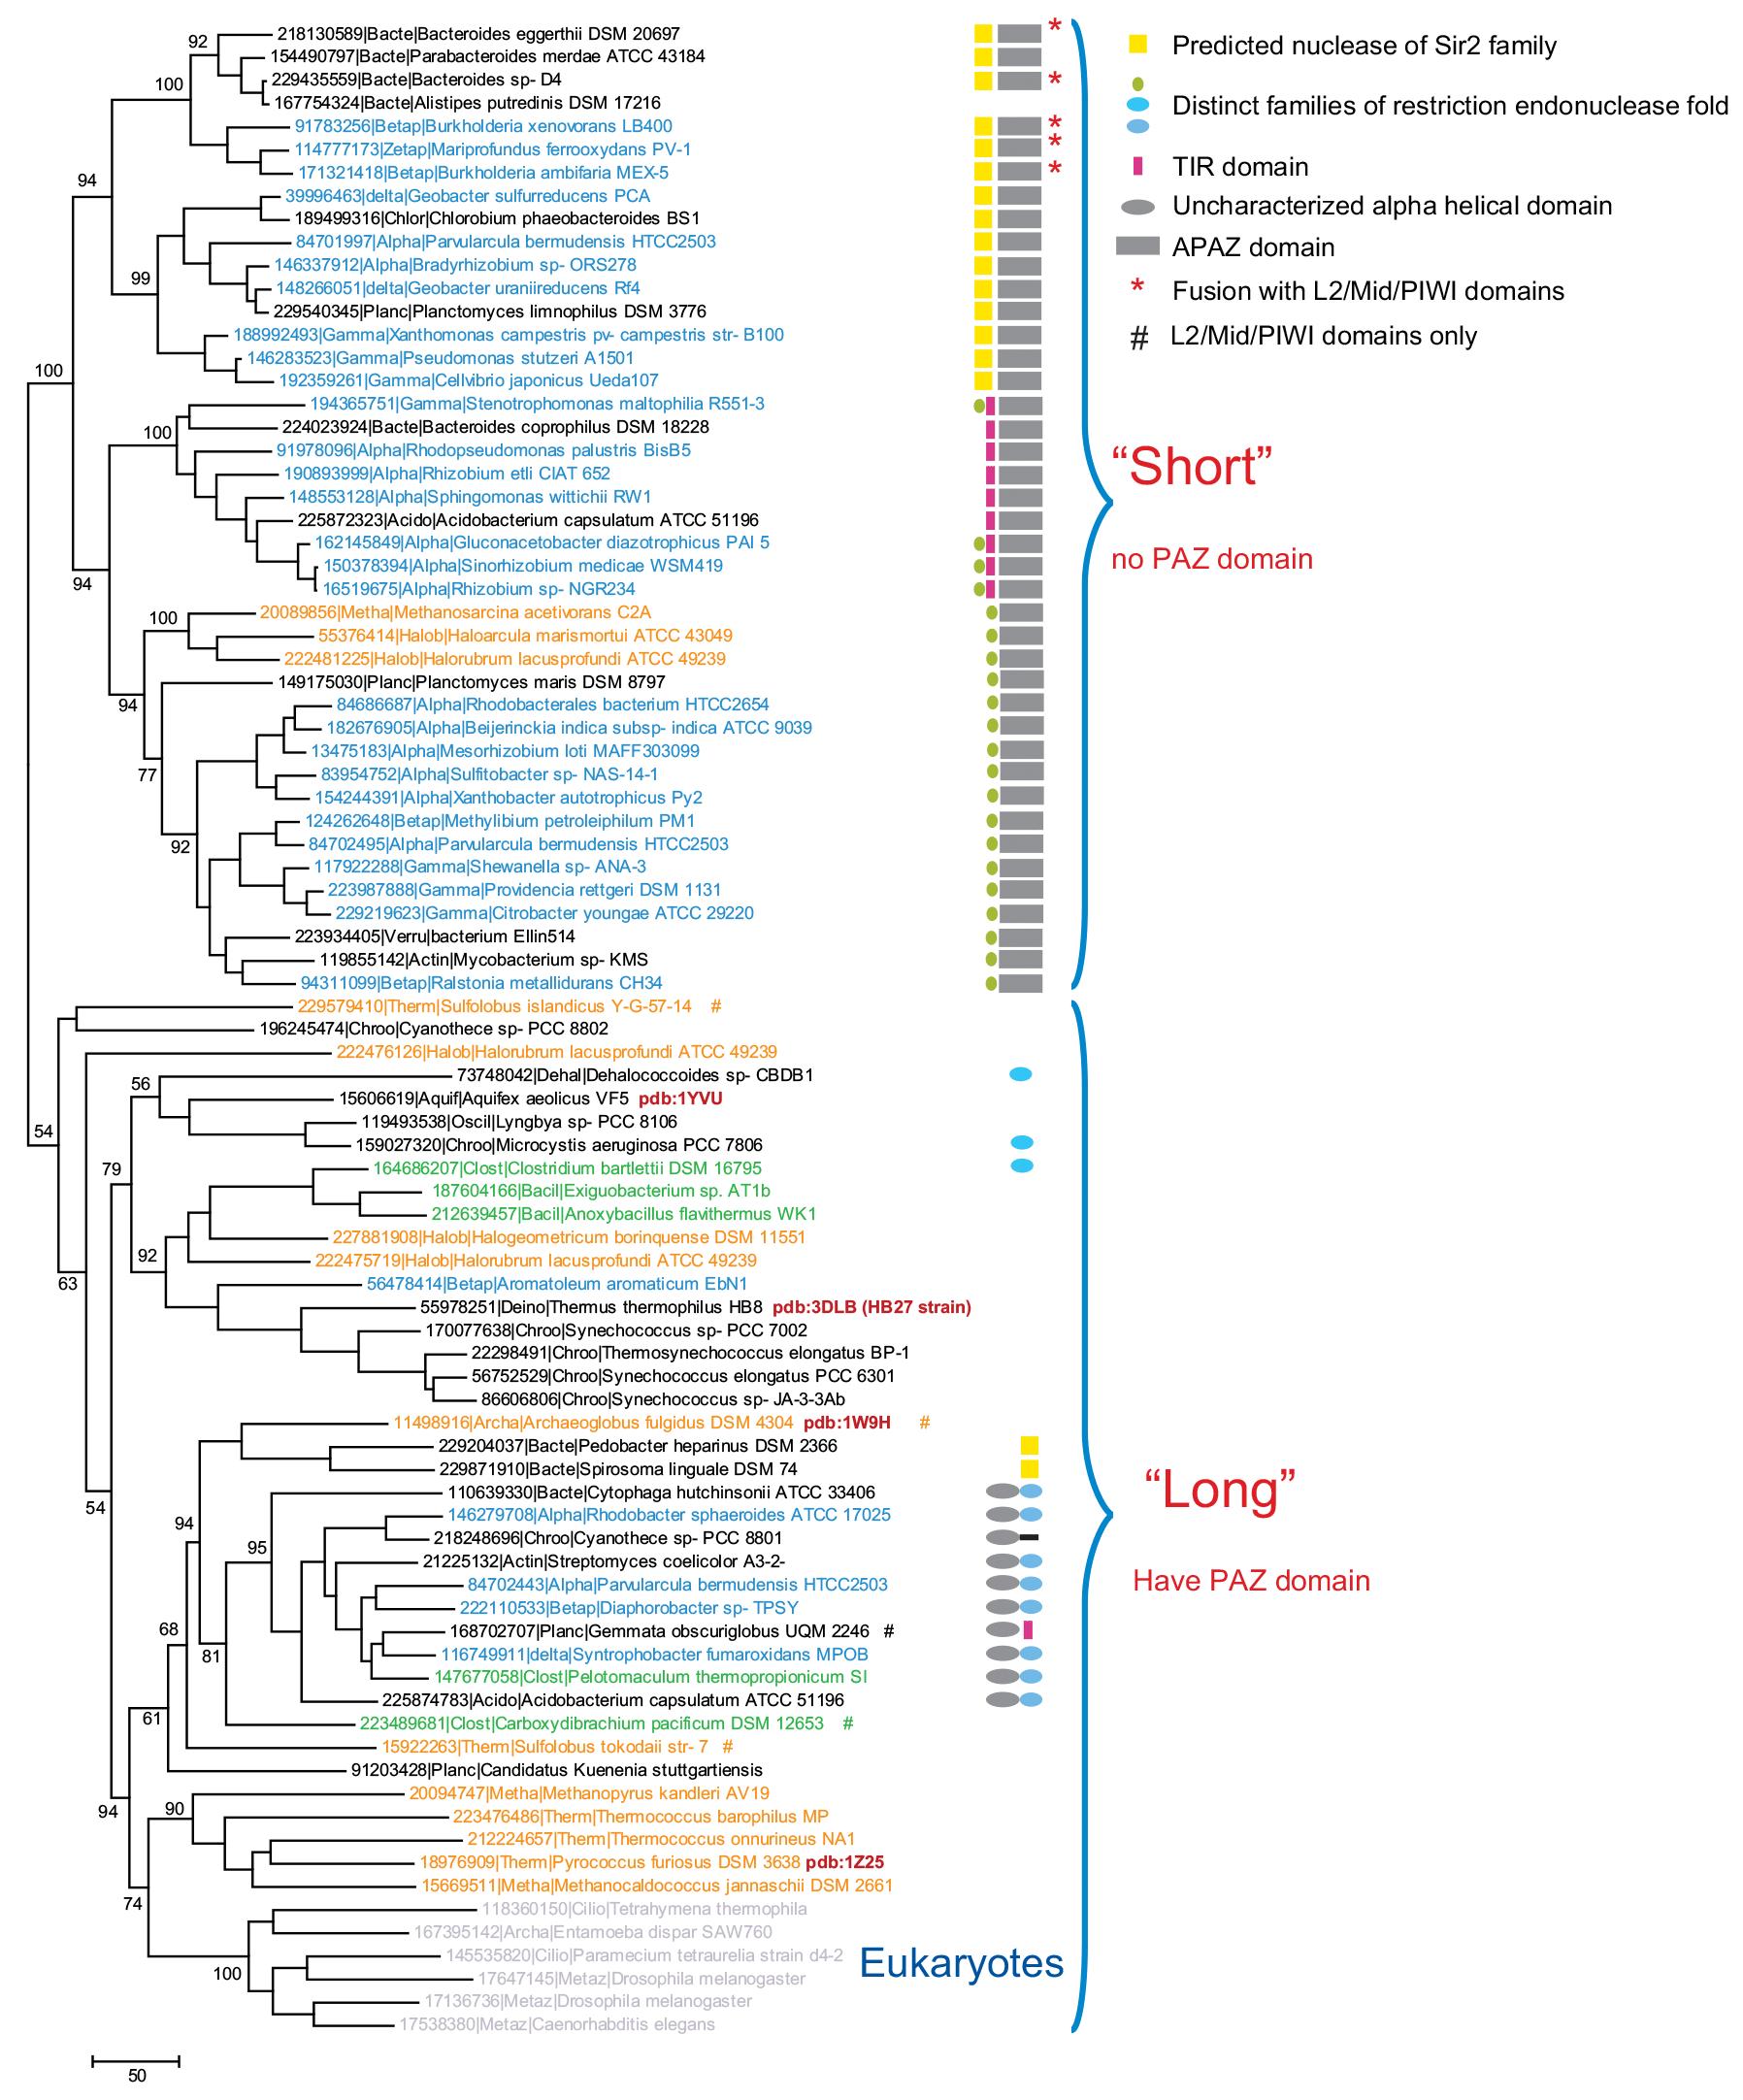 Филогенетический анализ PIWI-доменов и организация предсказанных pAgo-оперонов